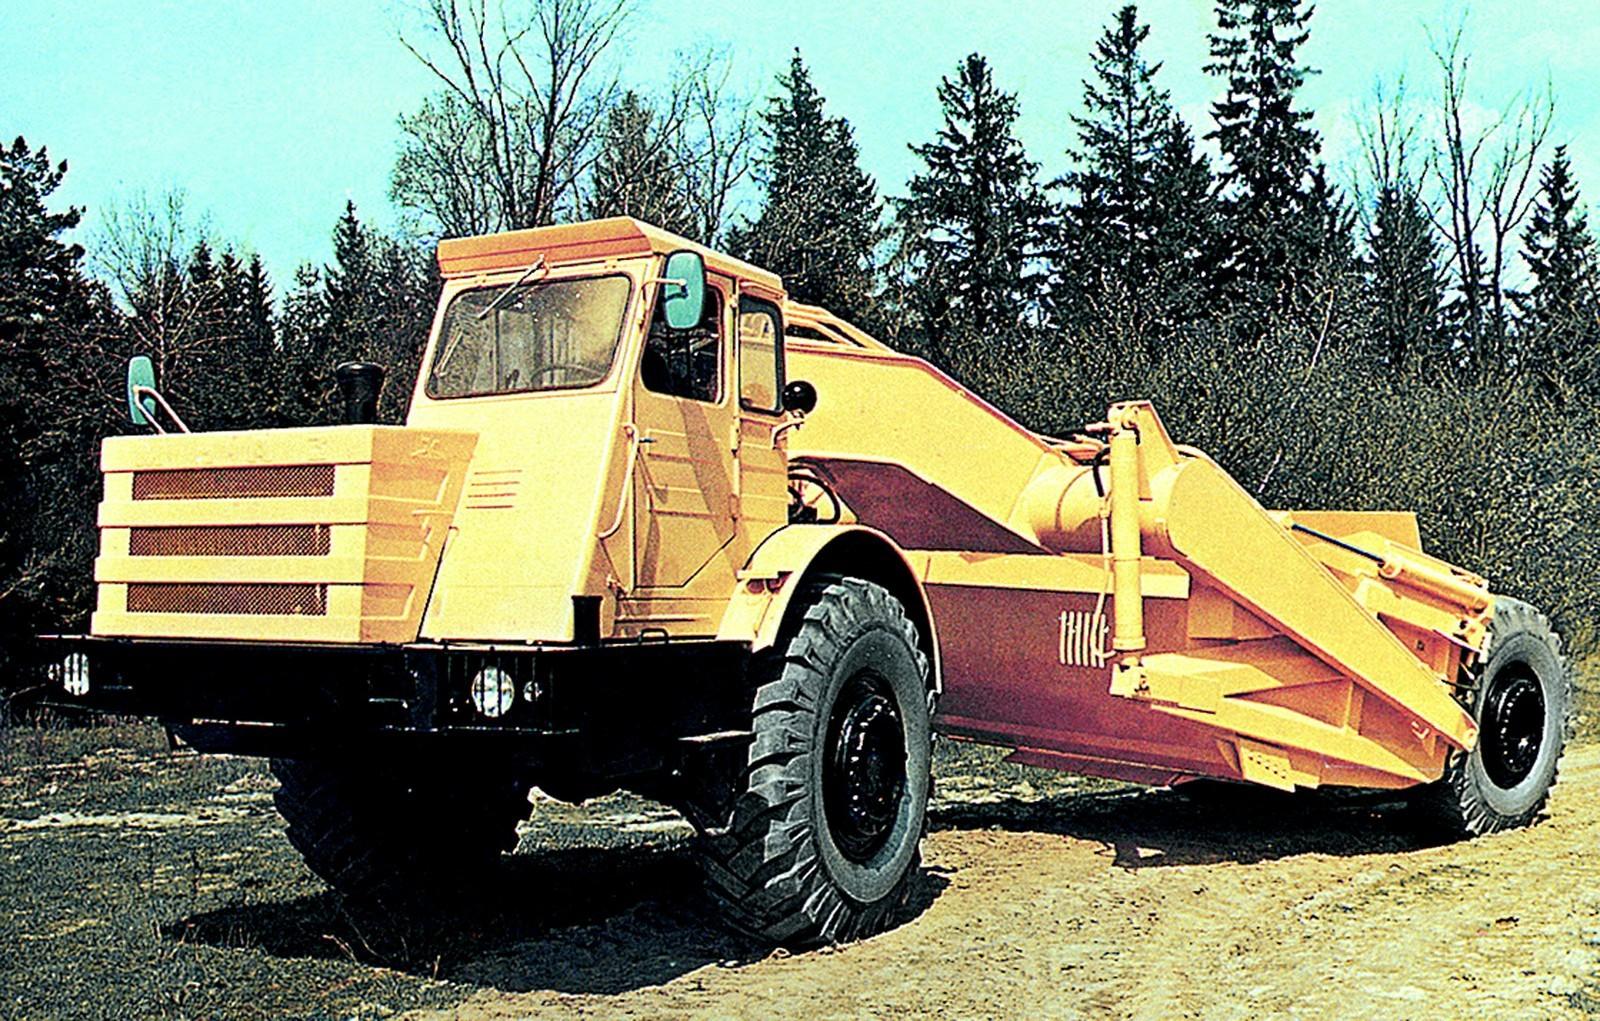 Многоцелевой скрепер Д-357П с 215-сильным тягачом МоАЗ-546П (из проспекта МоАЗ)